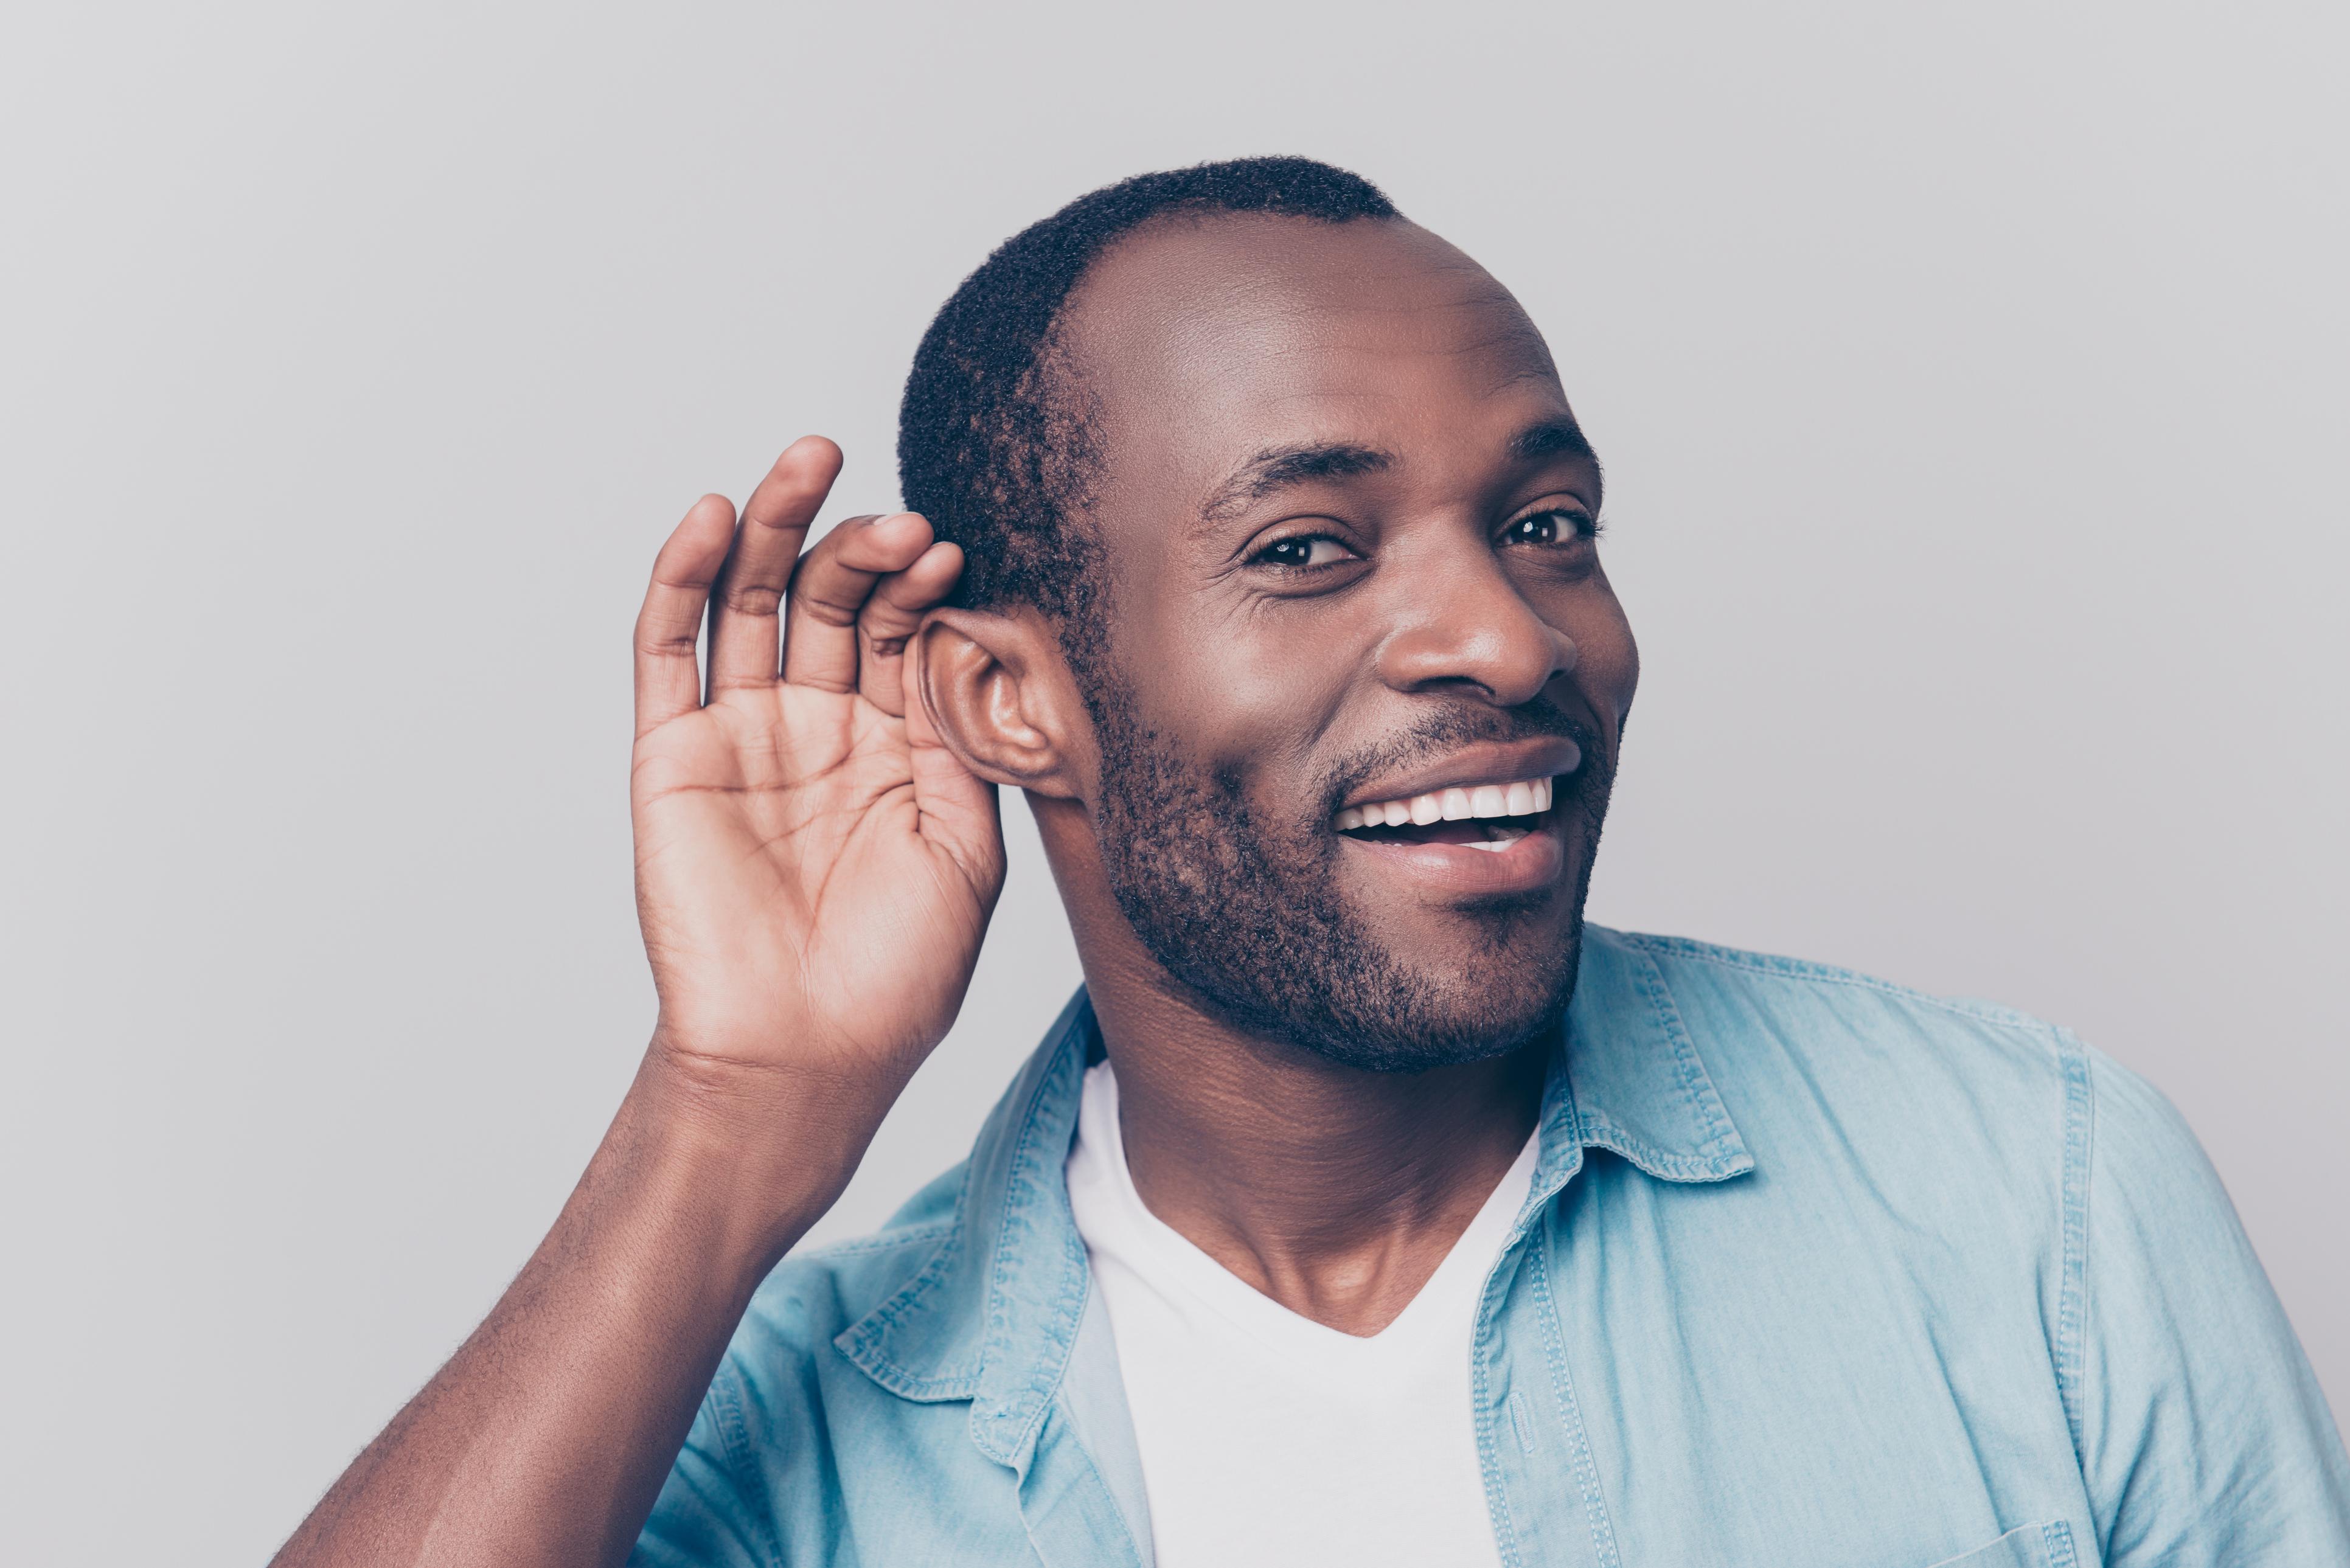 Як вилікувати глухоту: вчені виявили, що втрачені клітини можна відновити